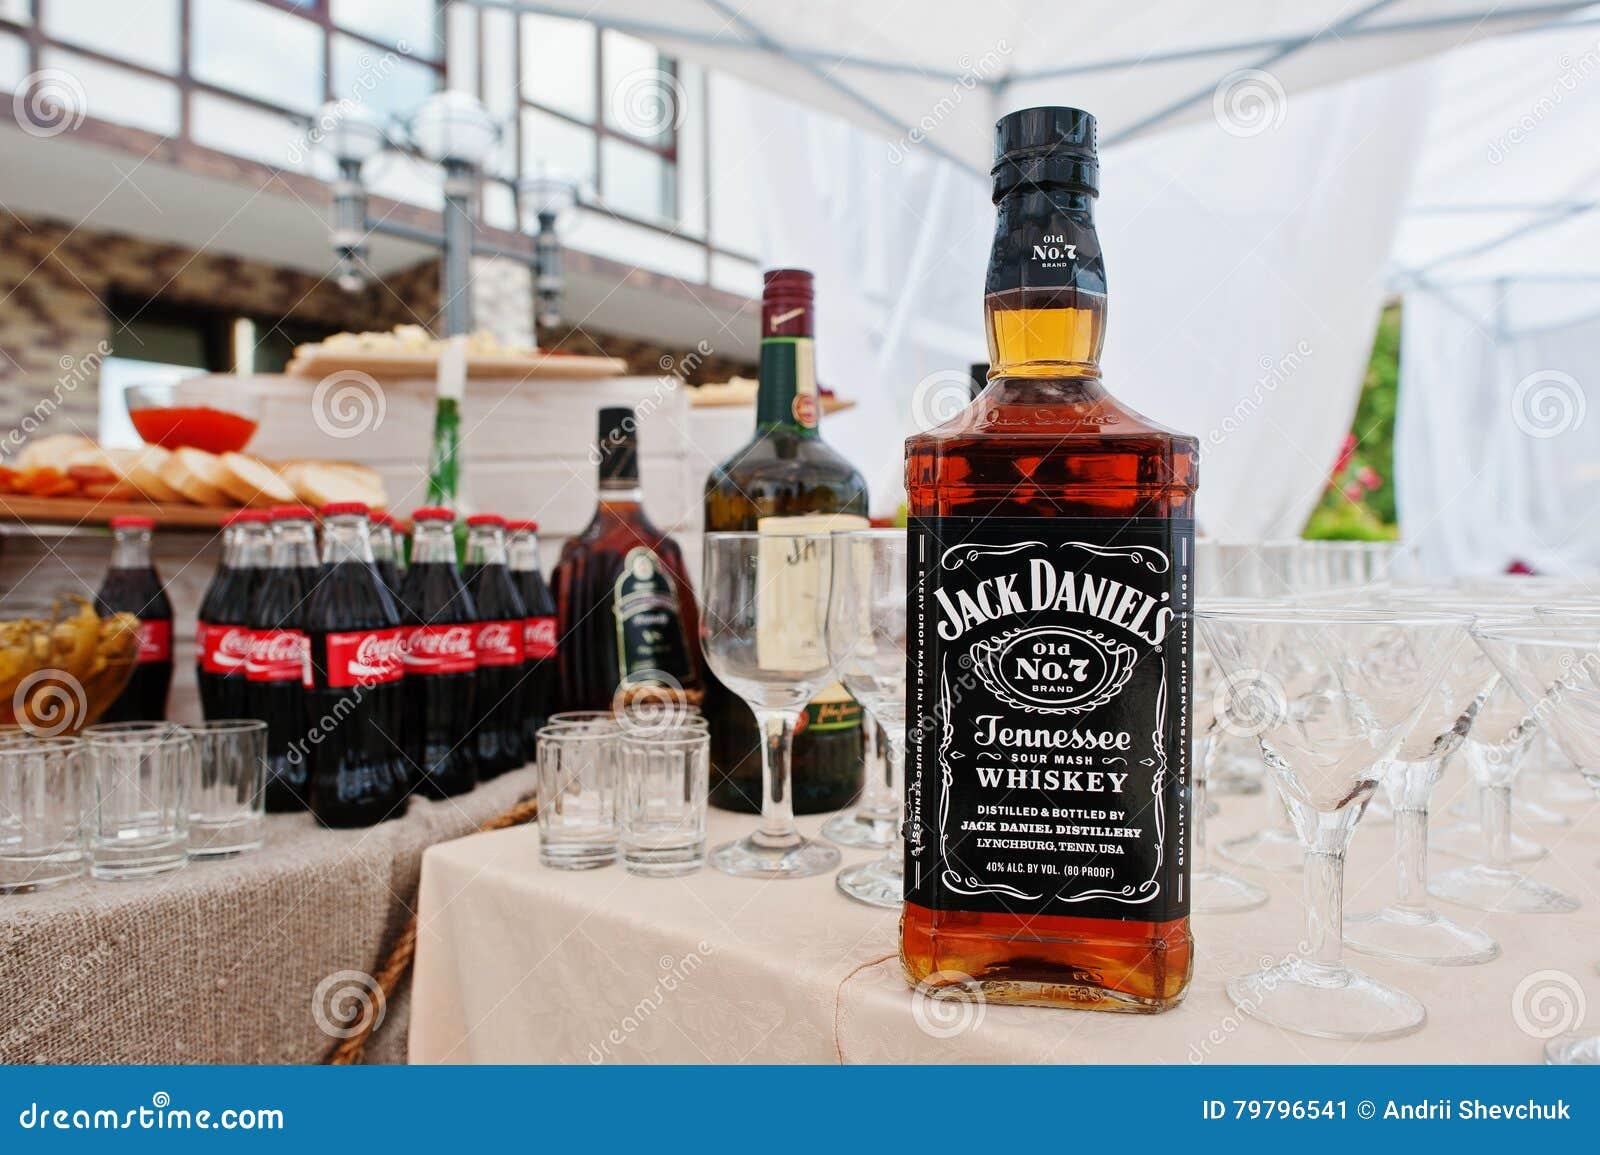 Hai, Ukraine 25. Oktober 2016: Große Flasche Jack Daniels